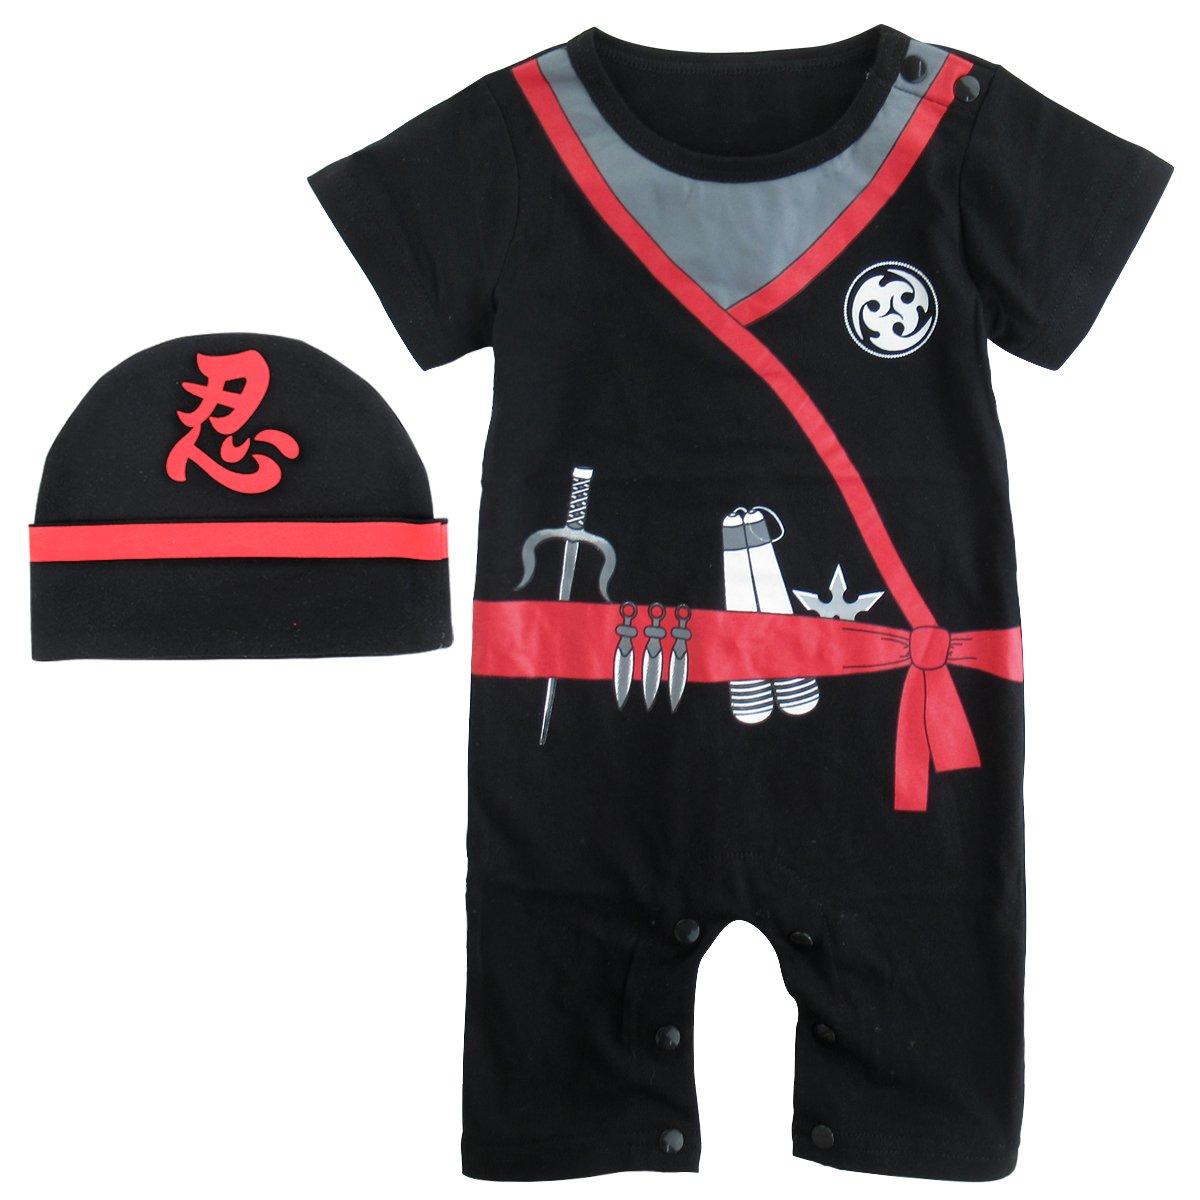 COSLAND Baby Boys' Halloween Costume Ninja Romper with Hat